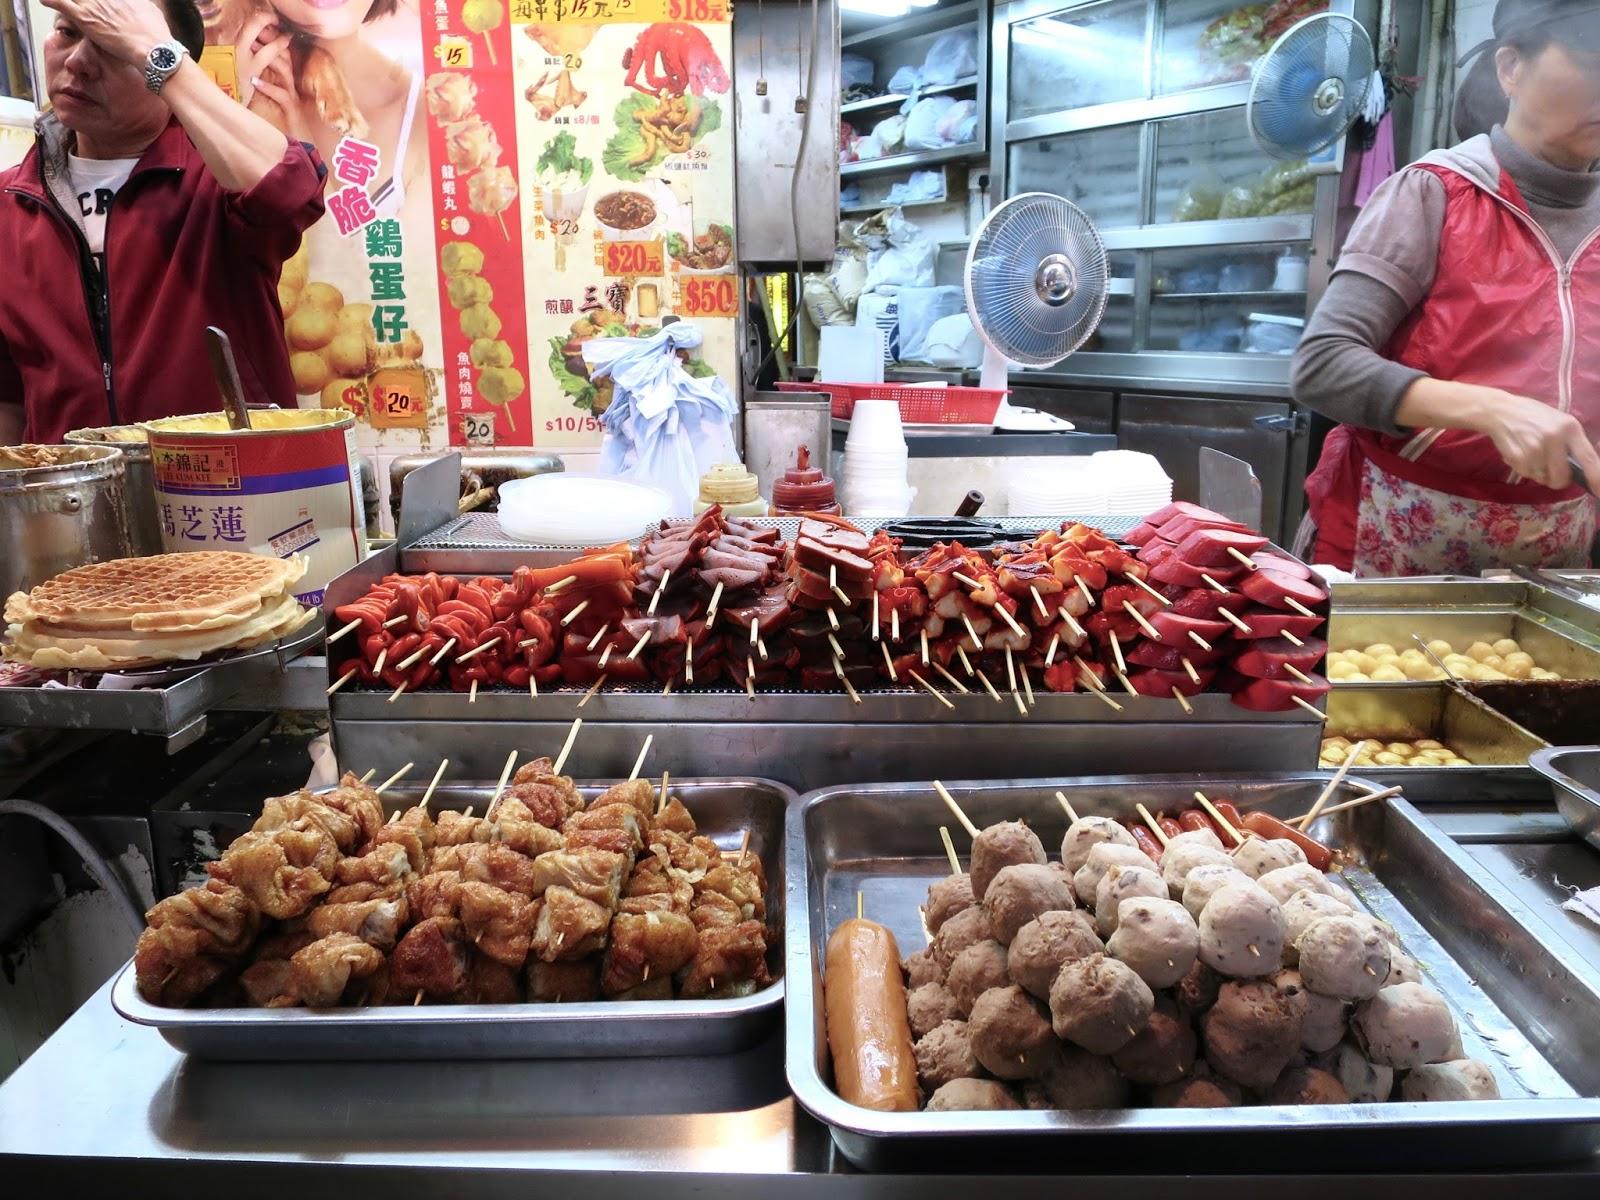 causeway bay, hong kong, travel, photography, food